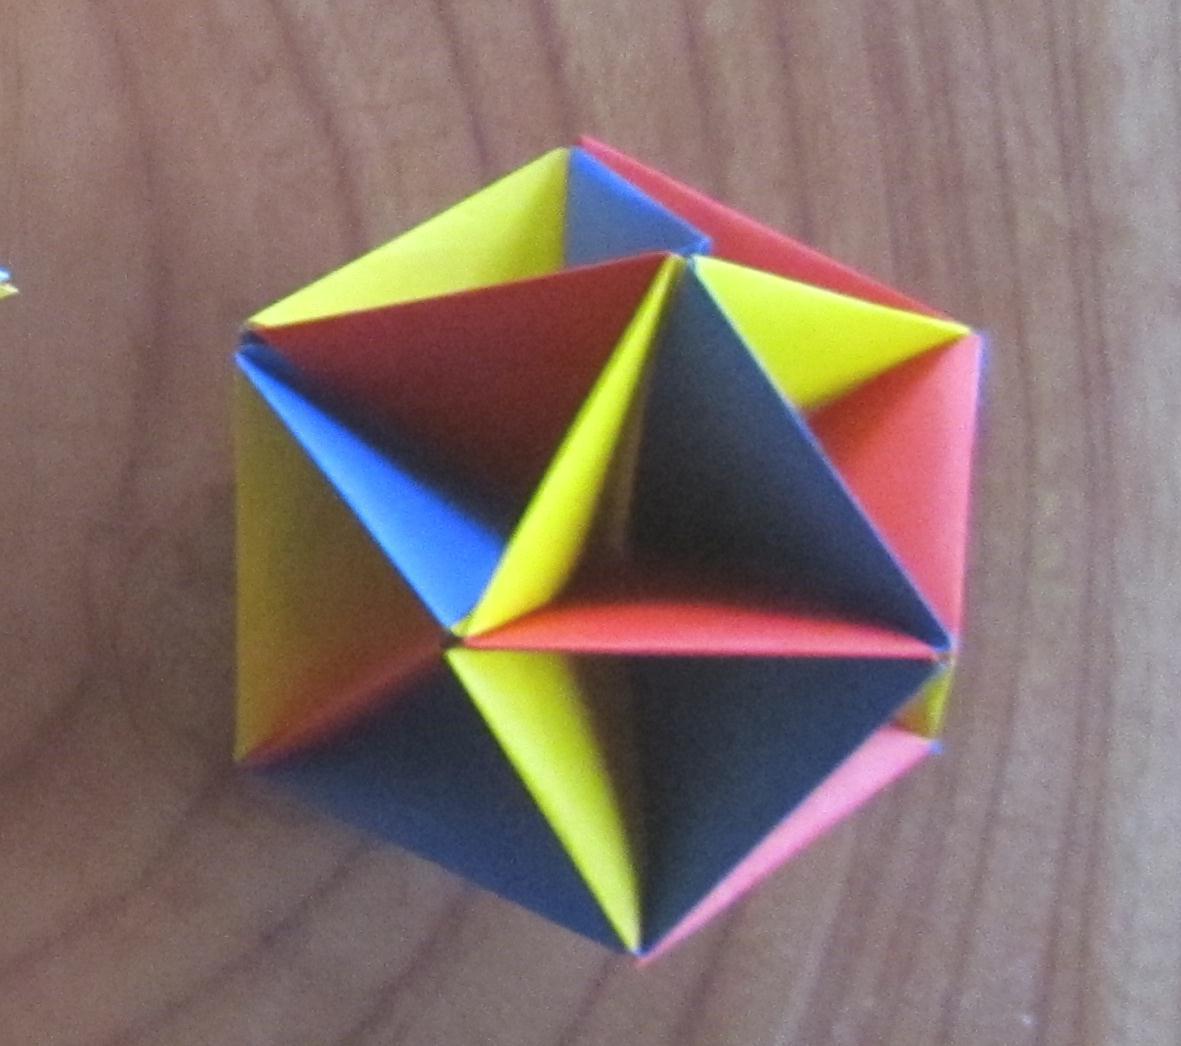 すべての折り紙 ユニット折り紙多面体折り方 : 折り紙はあるし、折ってみる ...